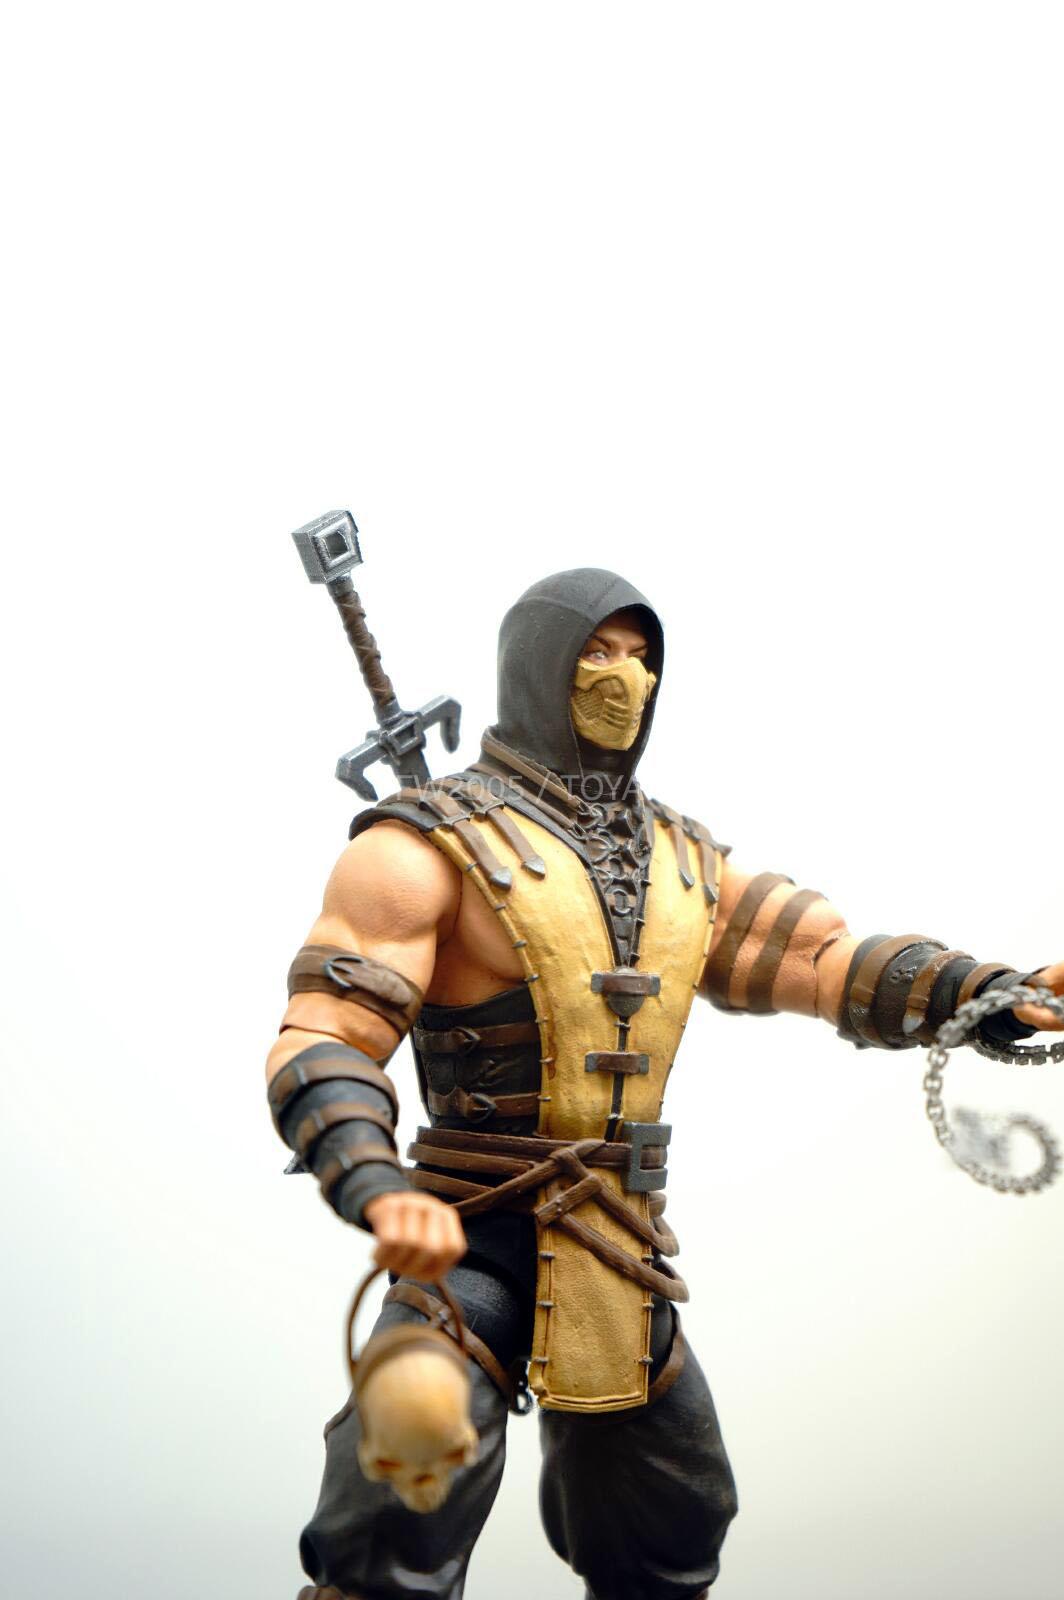 [NYCC 2014] MEZCO - 6-Inch Mortal Kombat X Figures NYCC-2014-Mezco-Mortal-Kombat-X-009